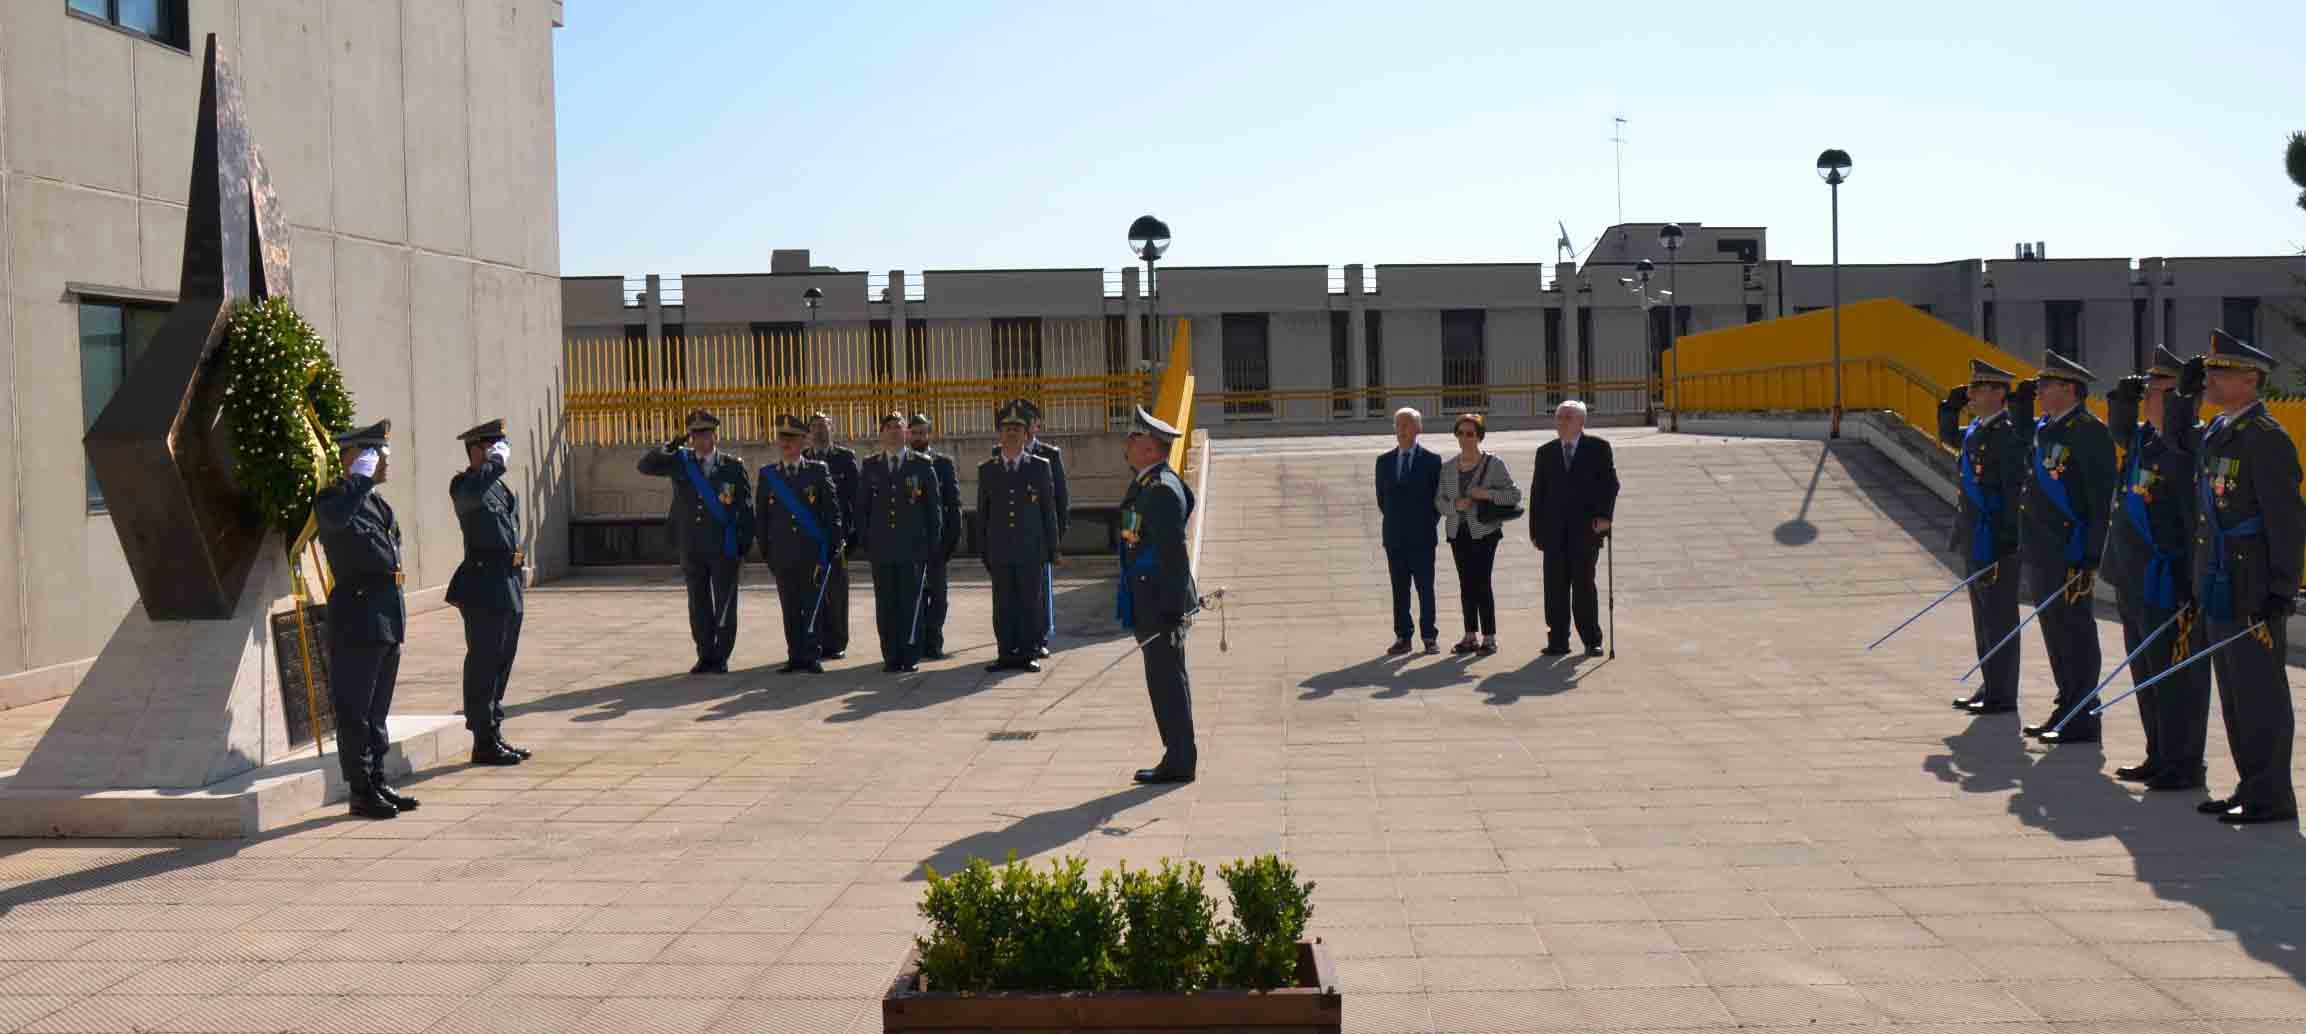 La Guardia di Finanza festeggia 244 anni, celebrazioni al Comando Regionale